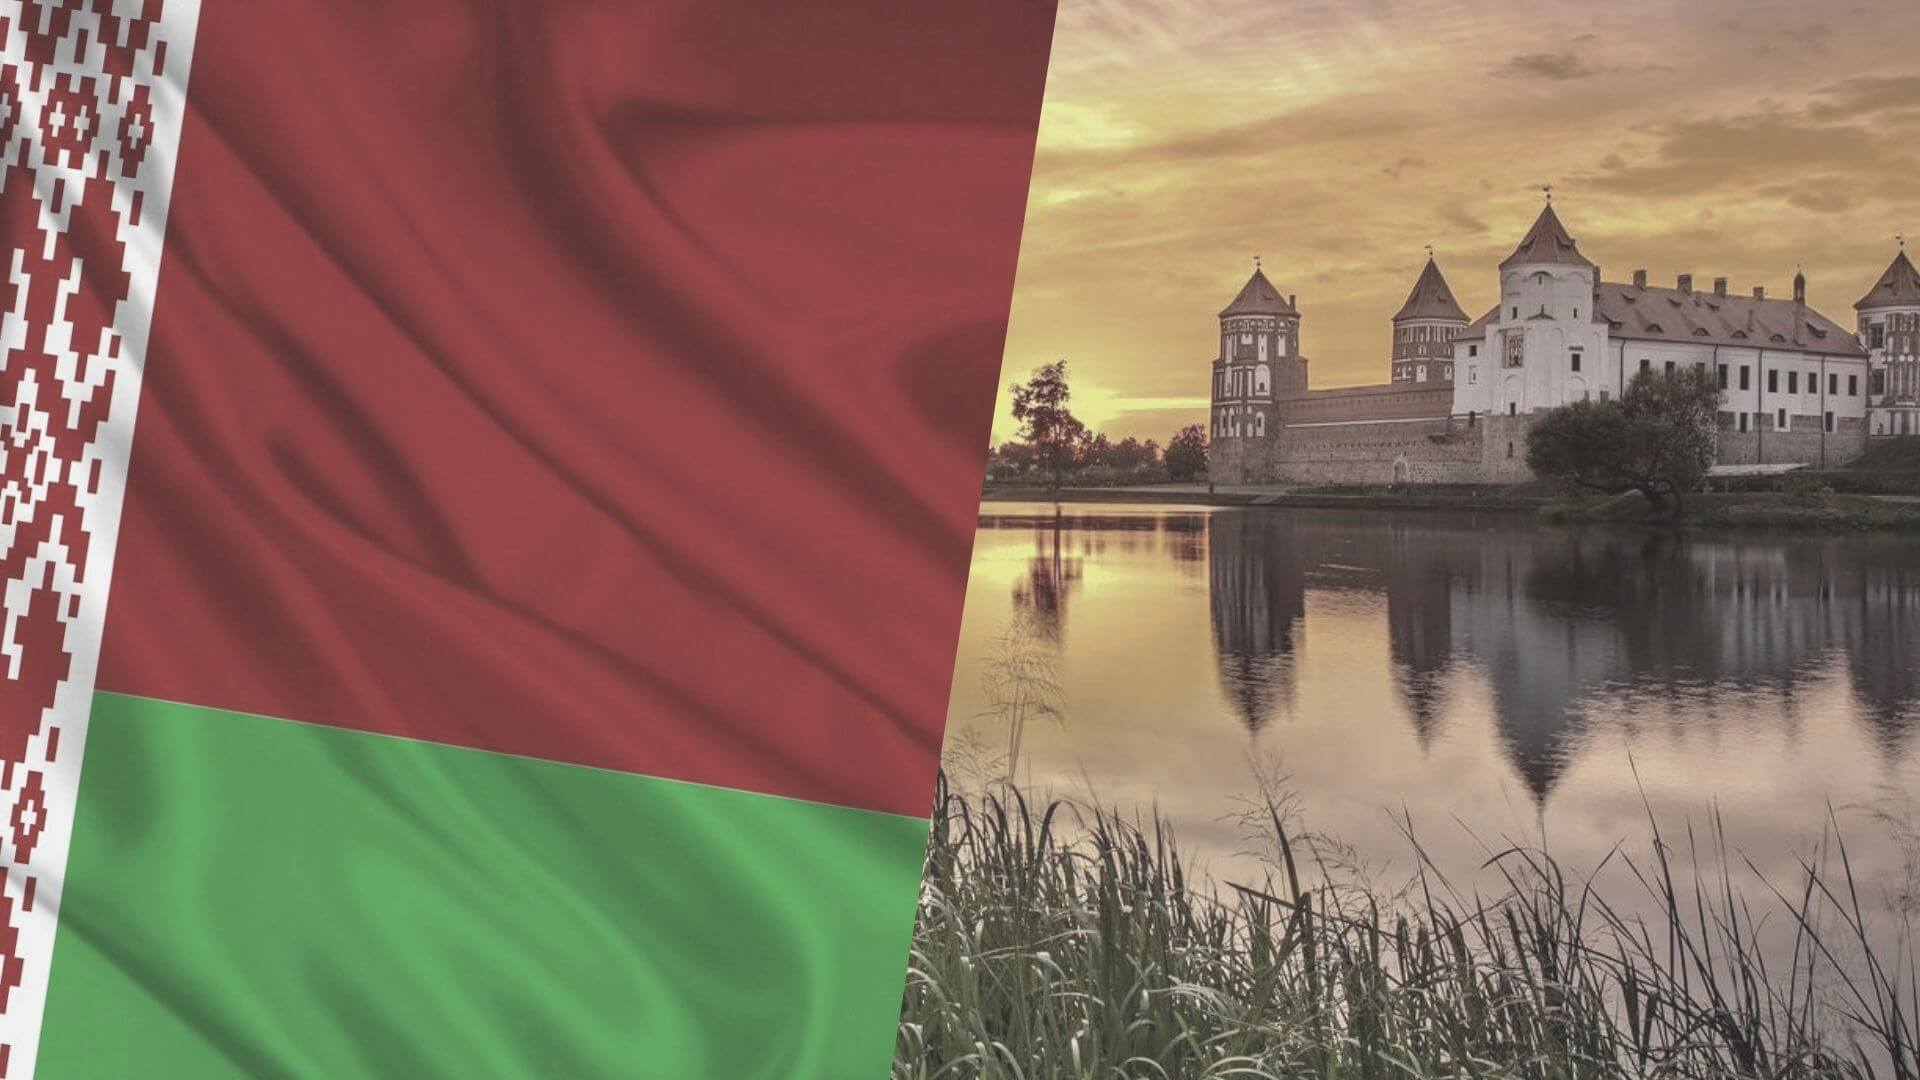 drone laws in Belarus